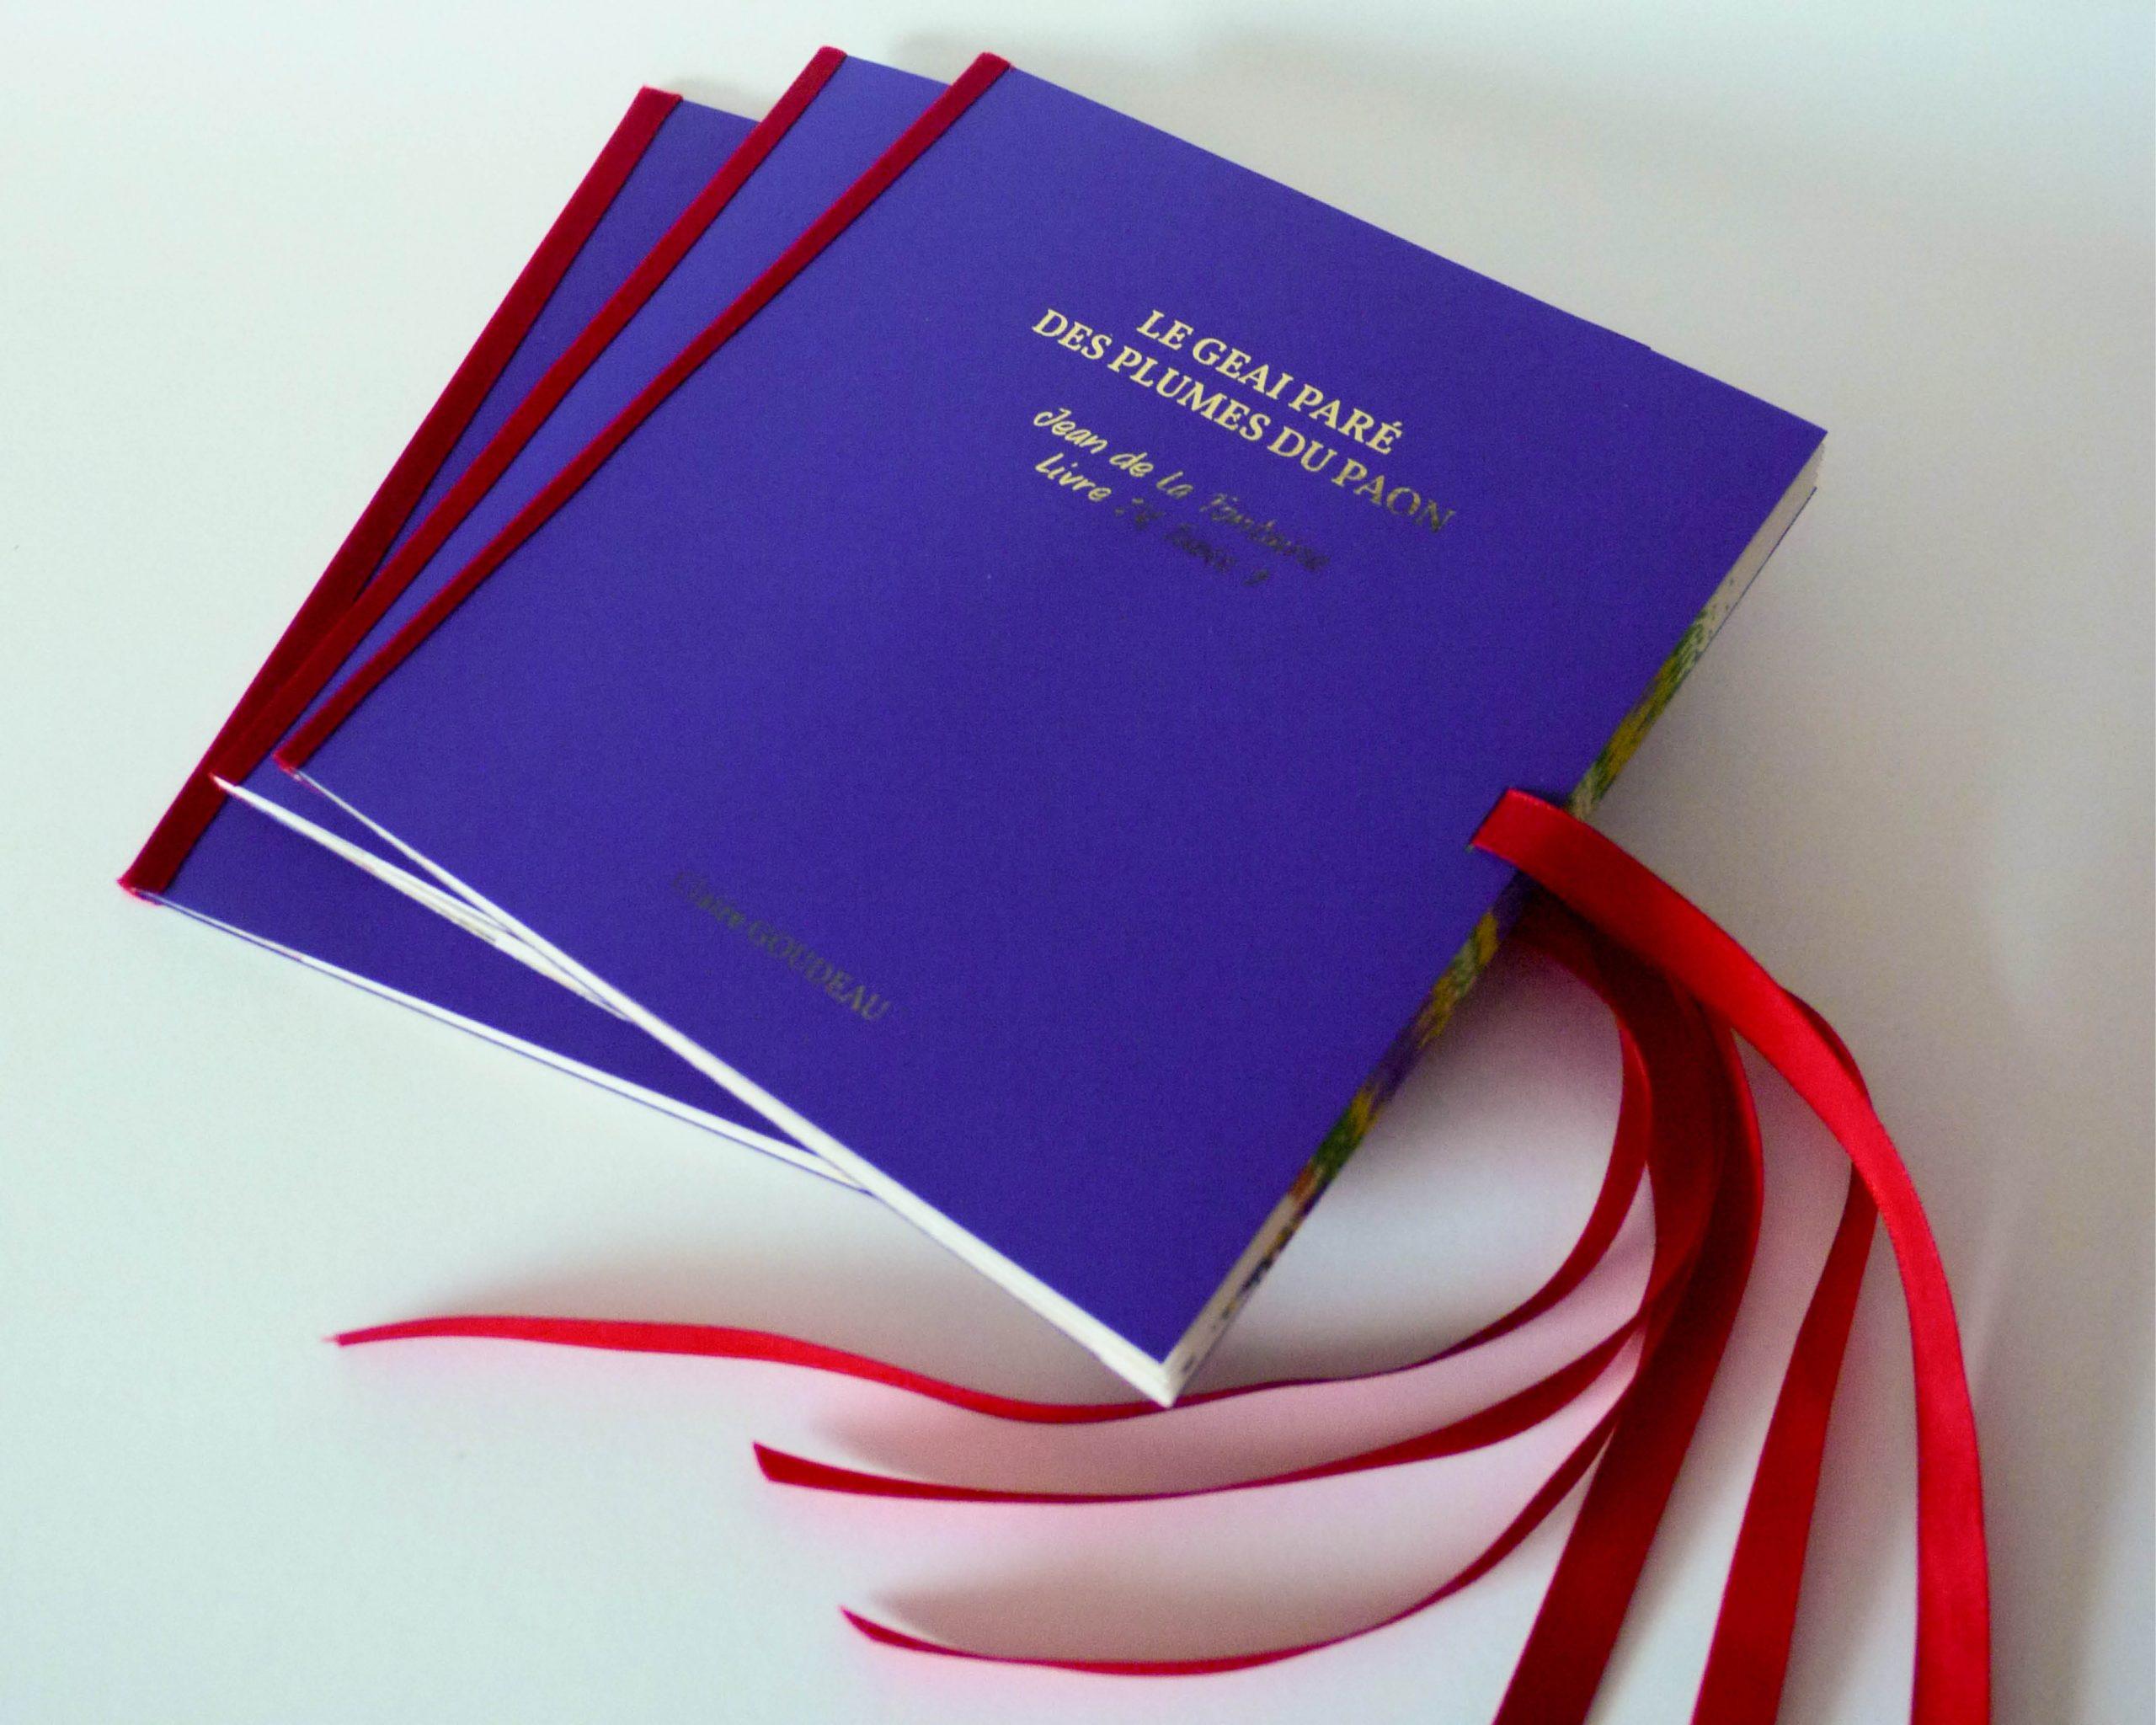 """Edition Pop-up """"carousel book"""" en 3 exemplaires Format 15 x 16 cm Dorure à la feuille d'or pour le titre, impressions à la traceuse et façonnage à la main"""